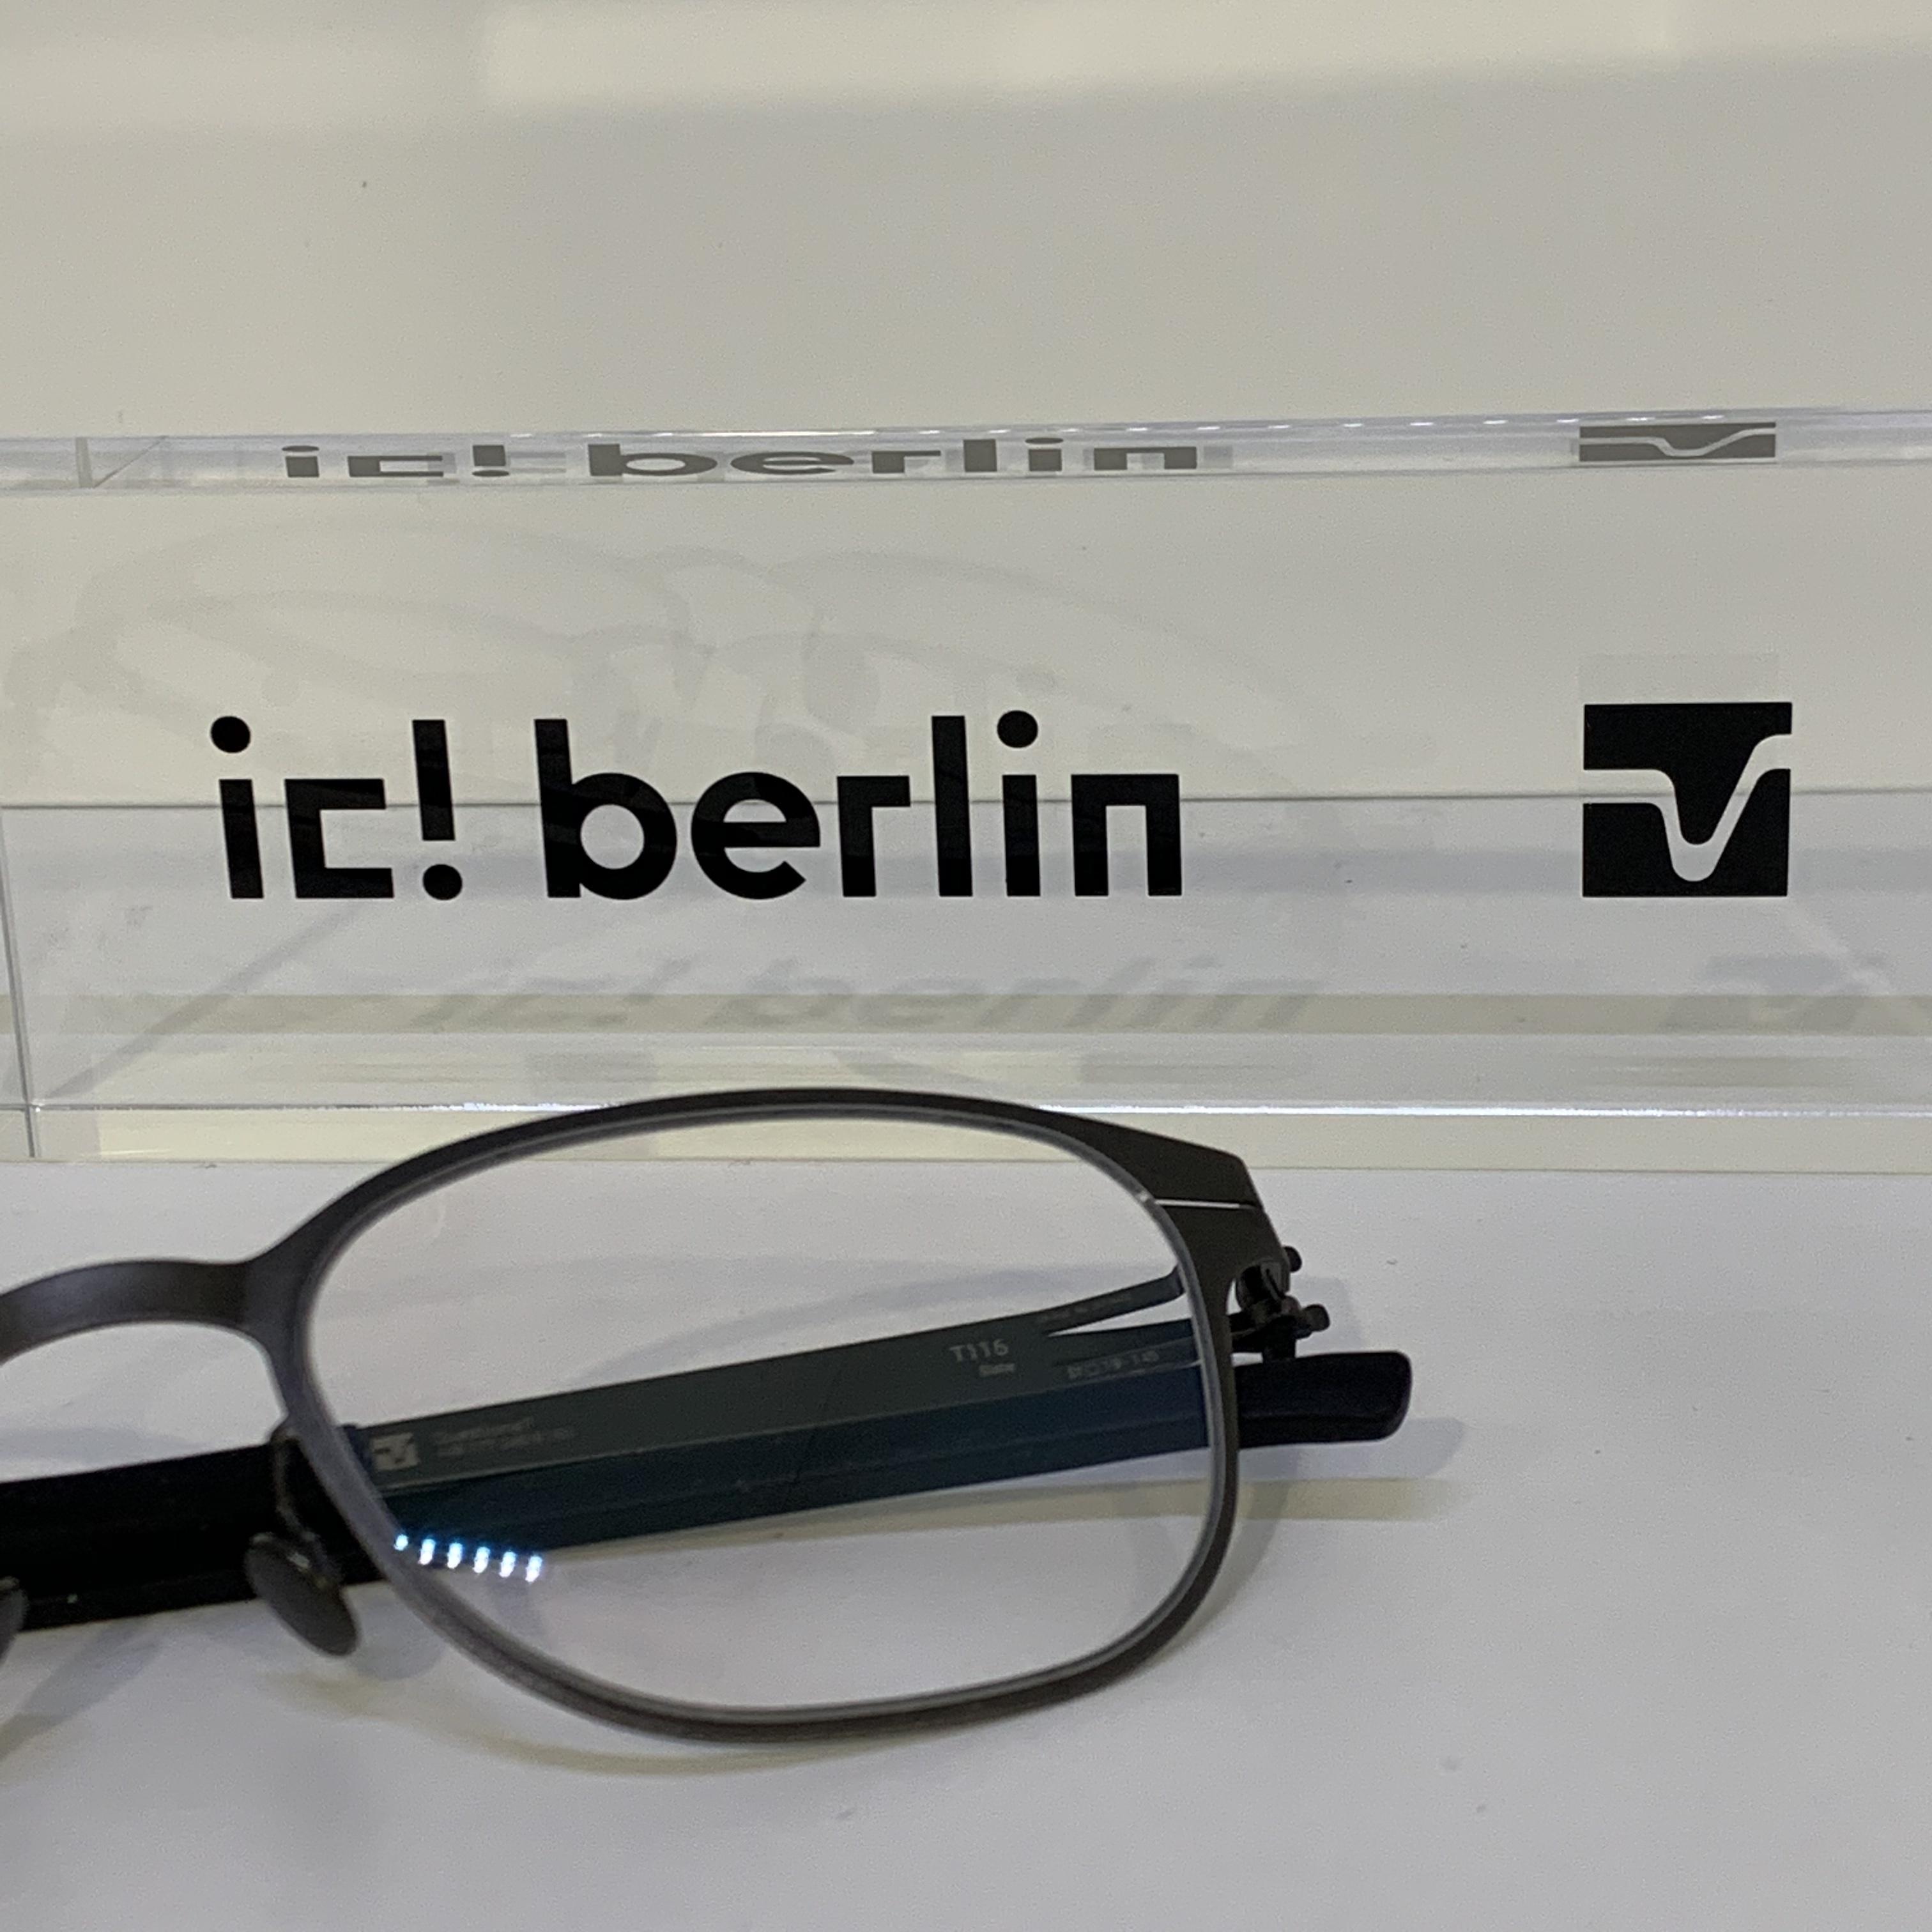 ic!berlinアイコン画像